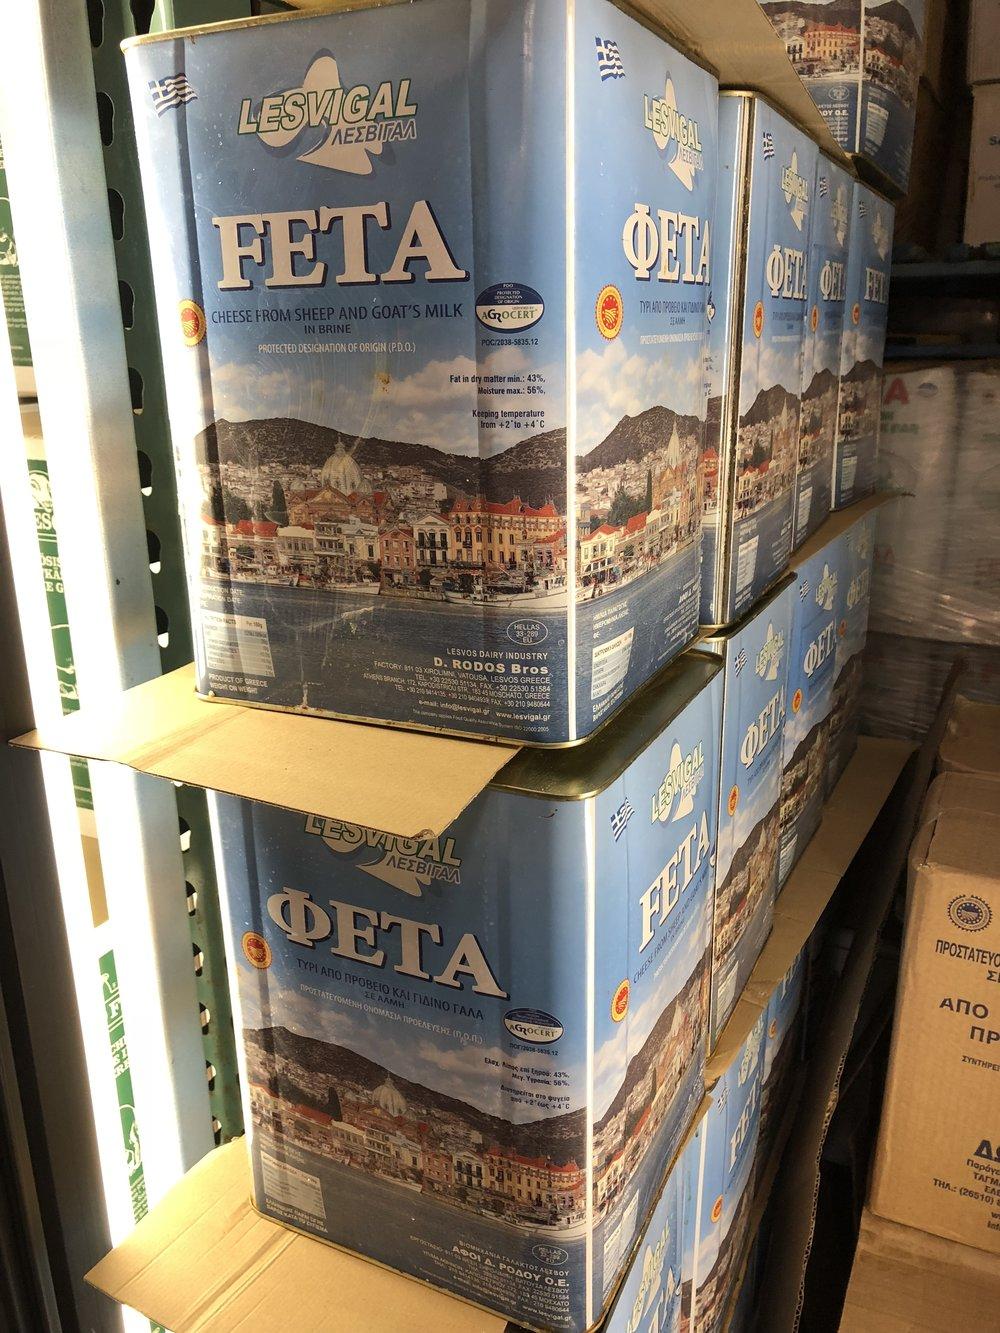 33 lb Cans of Feta